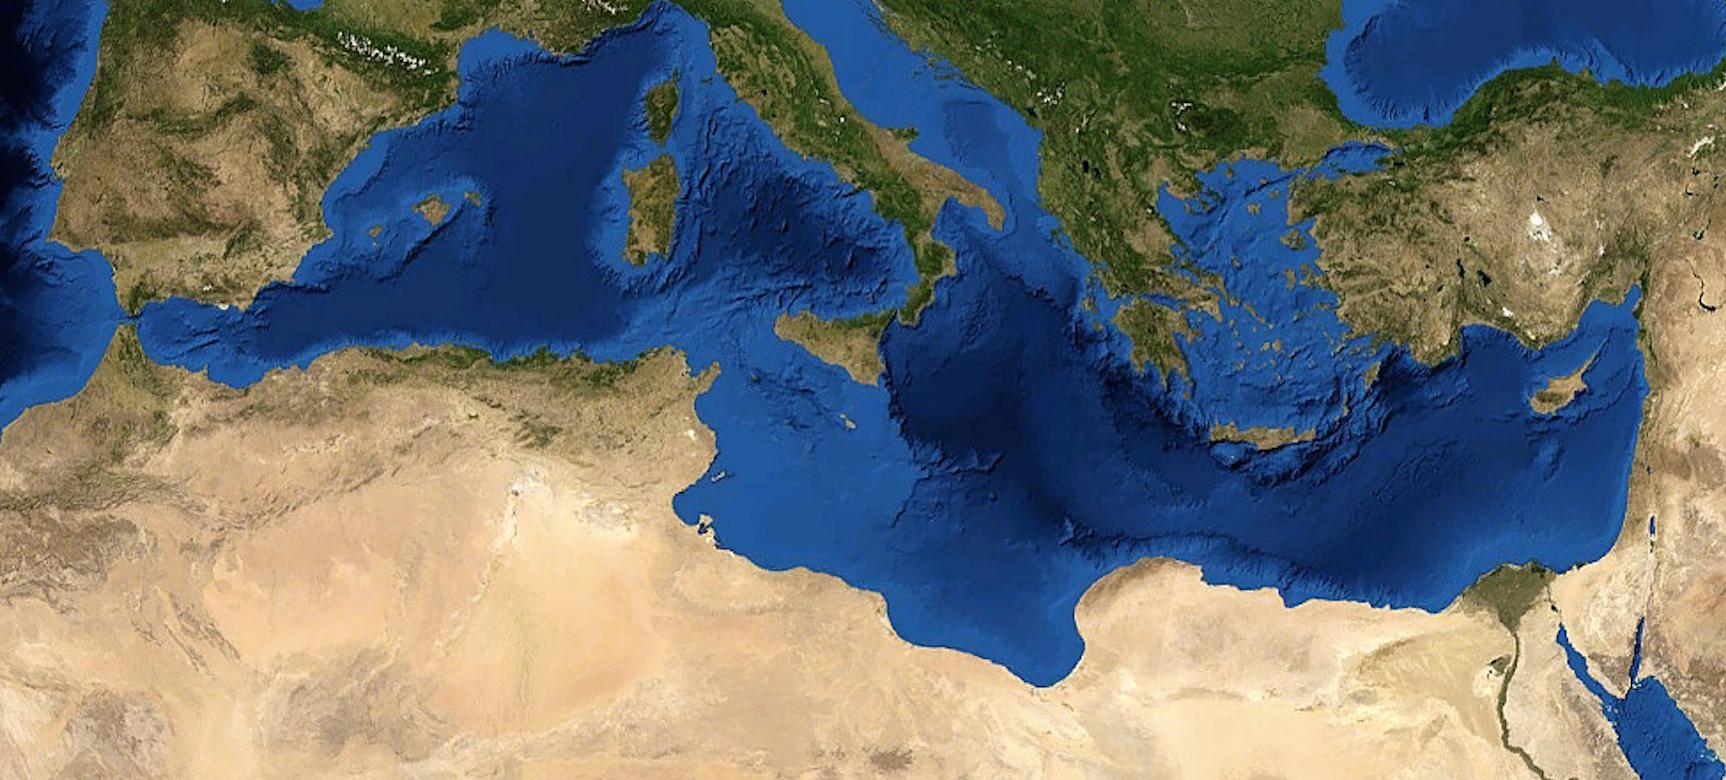 L'ambitieux partenariat euro-méditerranéen : entre pragmatisme et désillusion